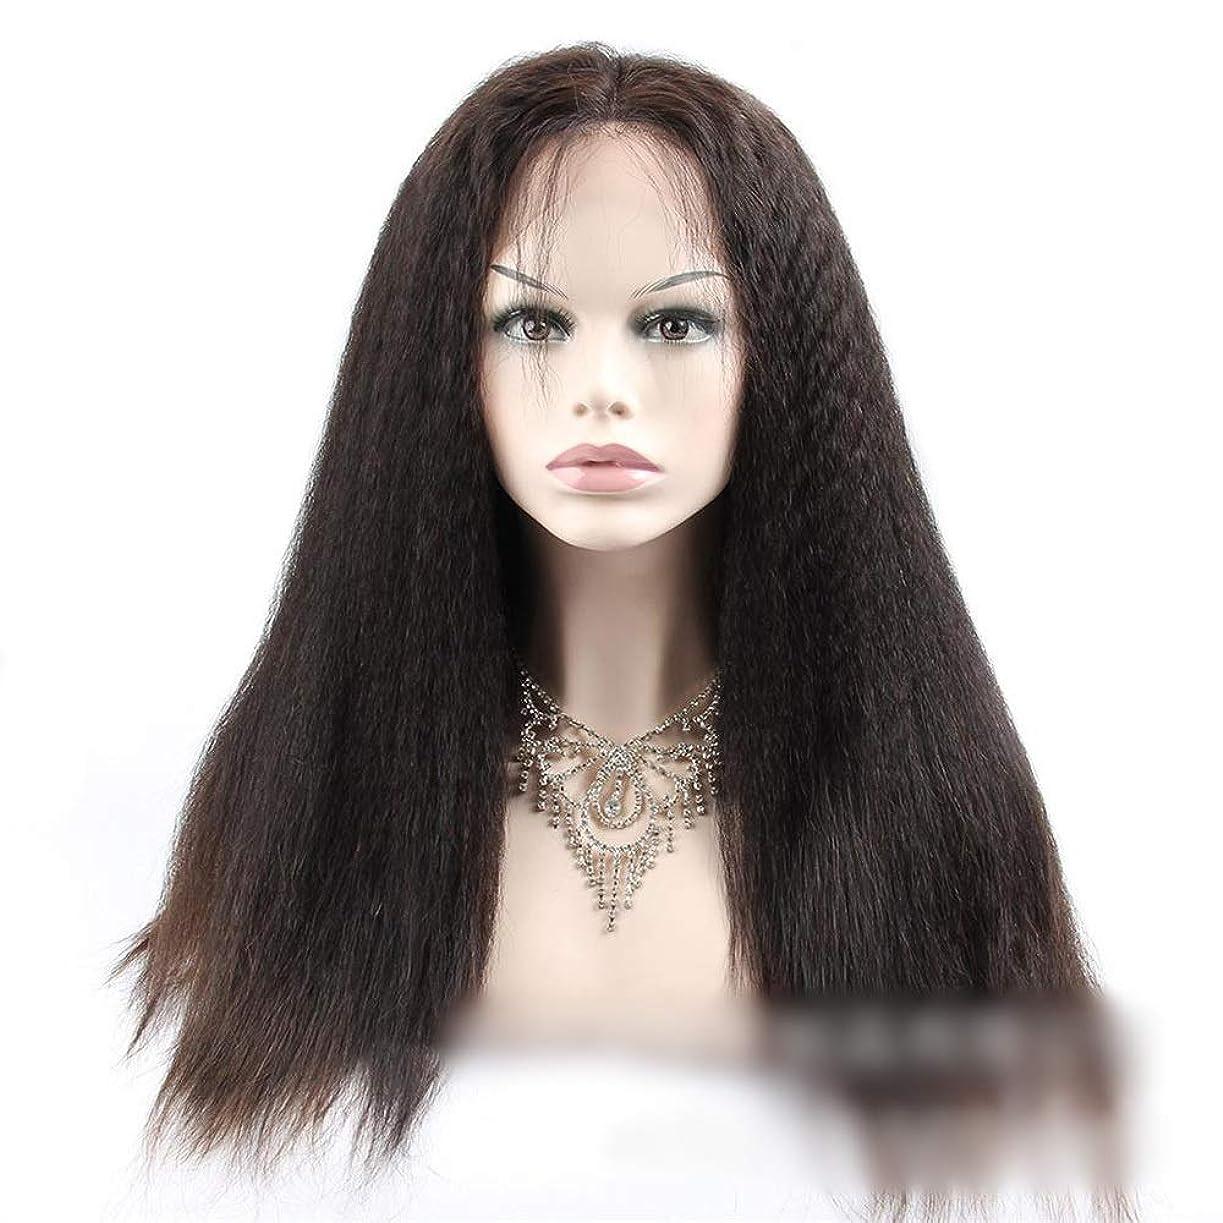 ゲート読みやすさアフリカ人Yrattary 360人間の髪の毛のレースの閉鎖前頭変態ストレートヘア高密度ヘアエクステンション小さなカーリーウィッグ (色 : ブラック, サイズ : 22 inch)